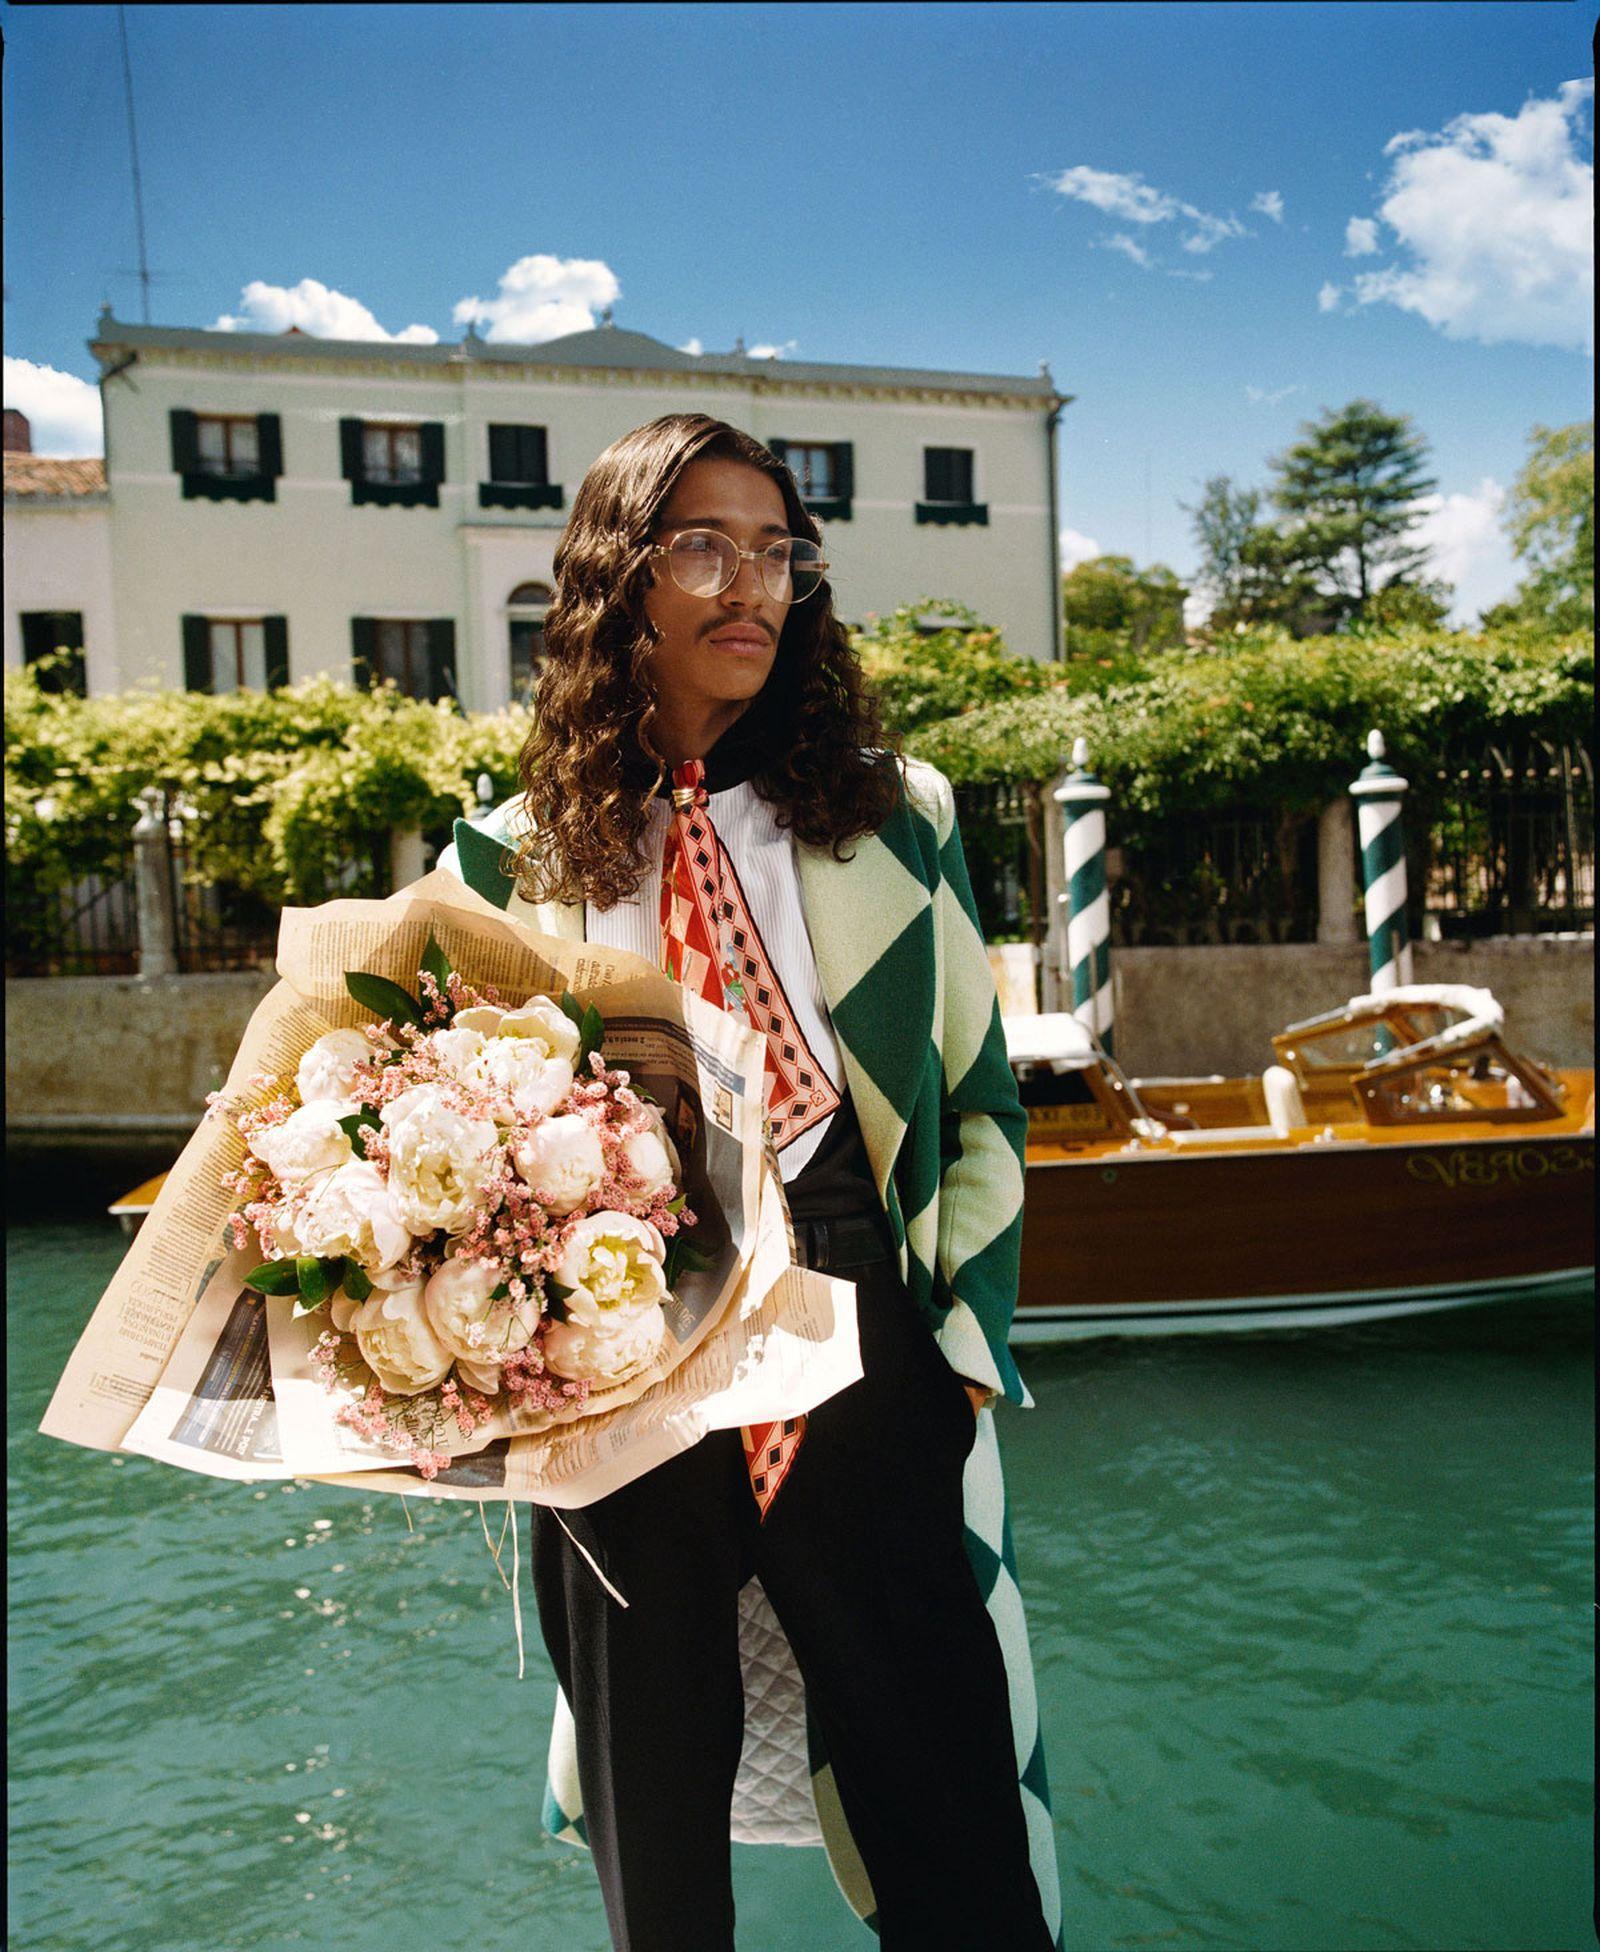 Casa-AW21-Venice---RemiF_Casablanca_060921_008-2-min